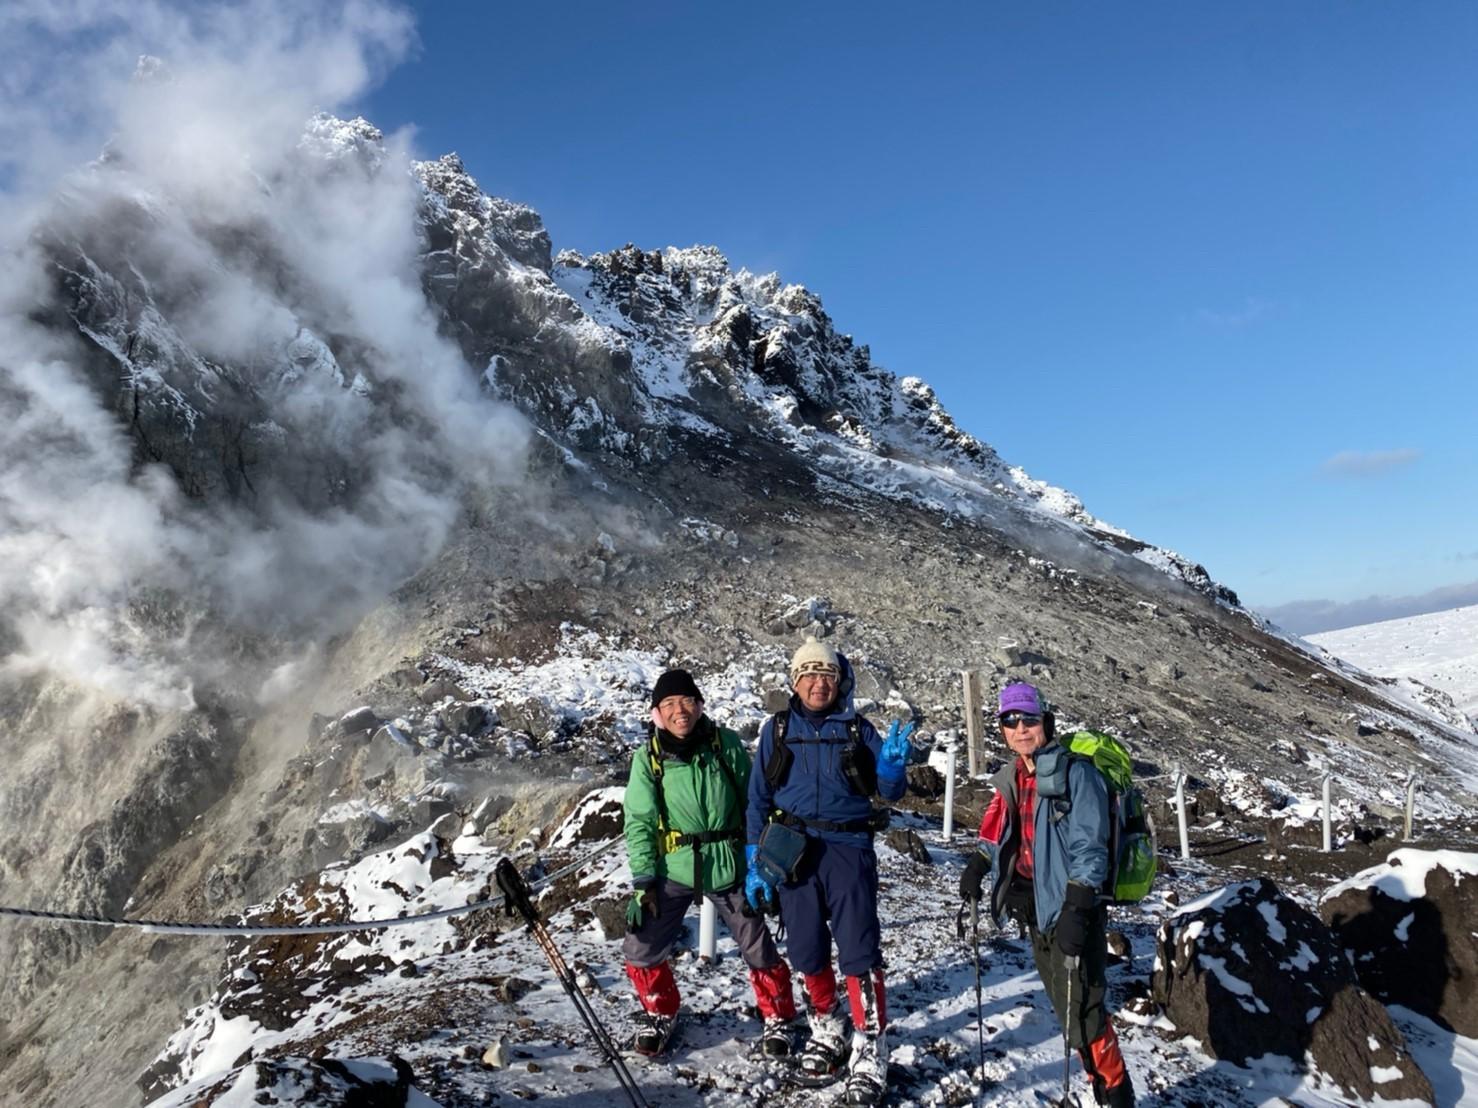 樽前山(北山)と苔の洞門、2019.12.15ー同行者からの写真ー_f0138096_23453971.jpg